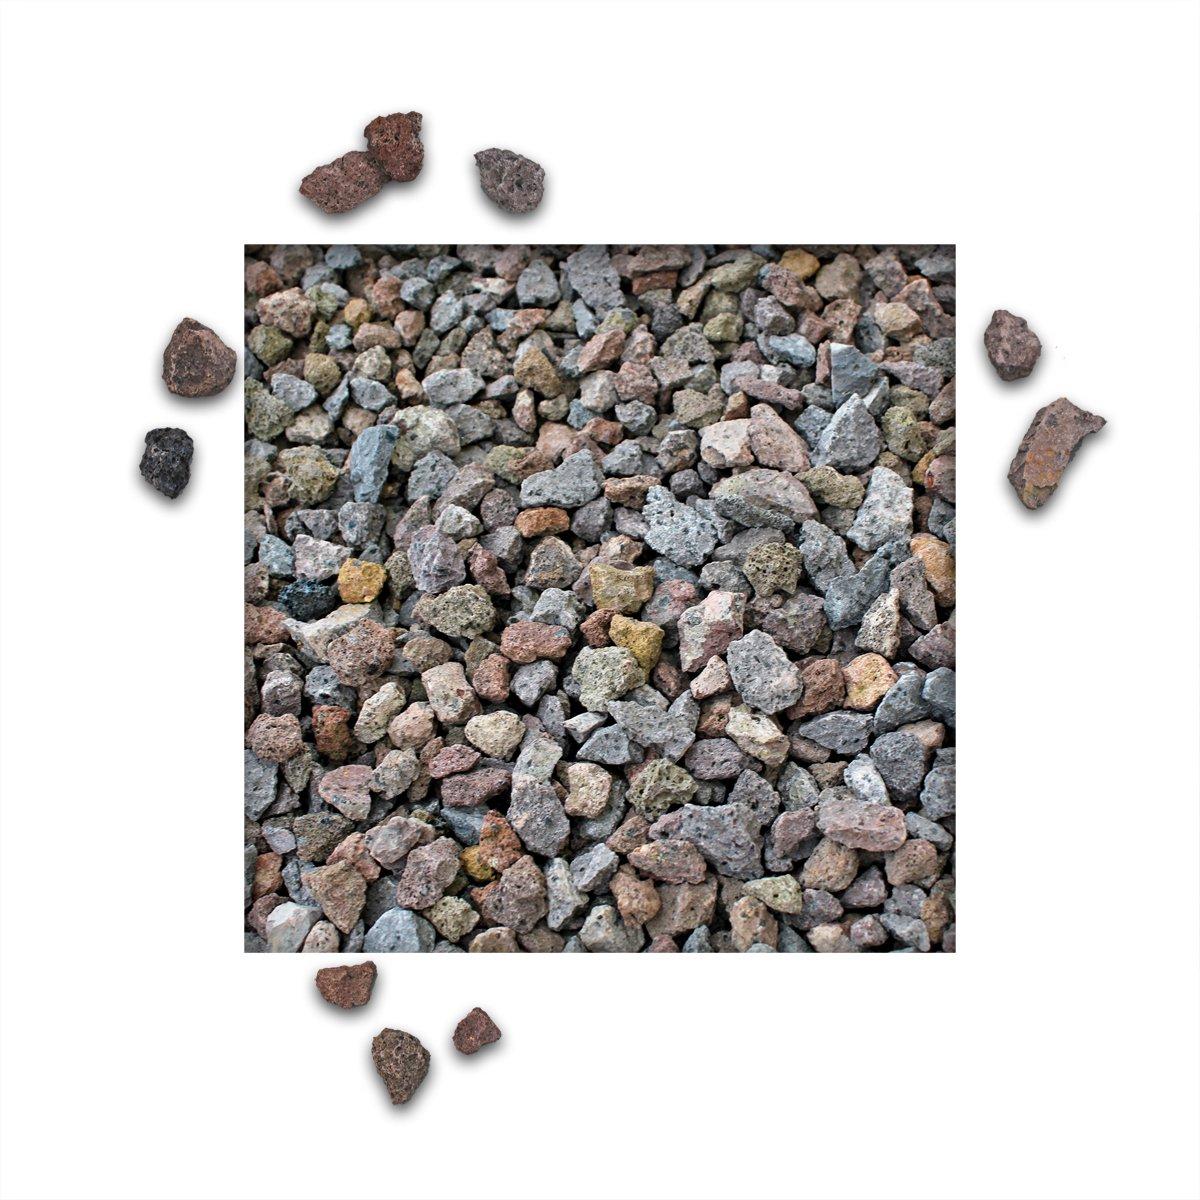 25 kg Lava Splitt Pflanzgranulat Schneckenschutz Lavastein Lavasteine Aquarium Dachbegr/ünung Lavagranulat K/örnung 16//32 mm